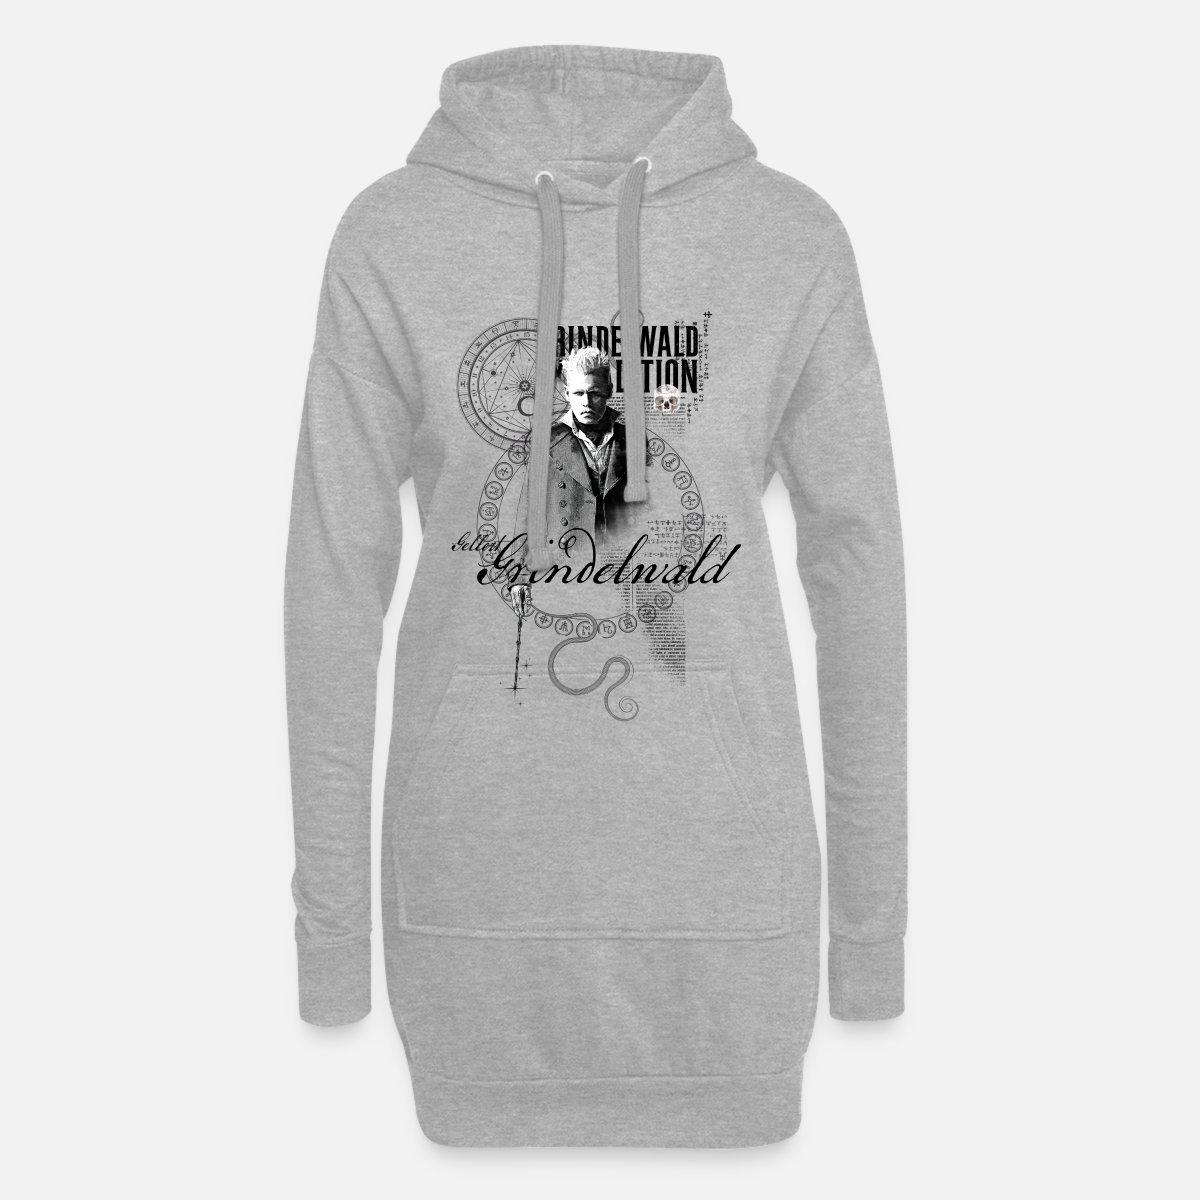 ed2704fb2 Animaux fantastiques Grindelwald Dessin Sweat-shirt à capuche long Femme -  gris chiné